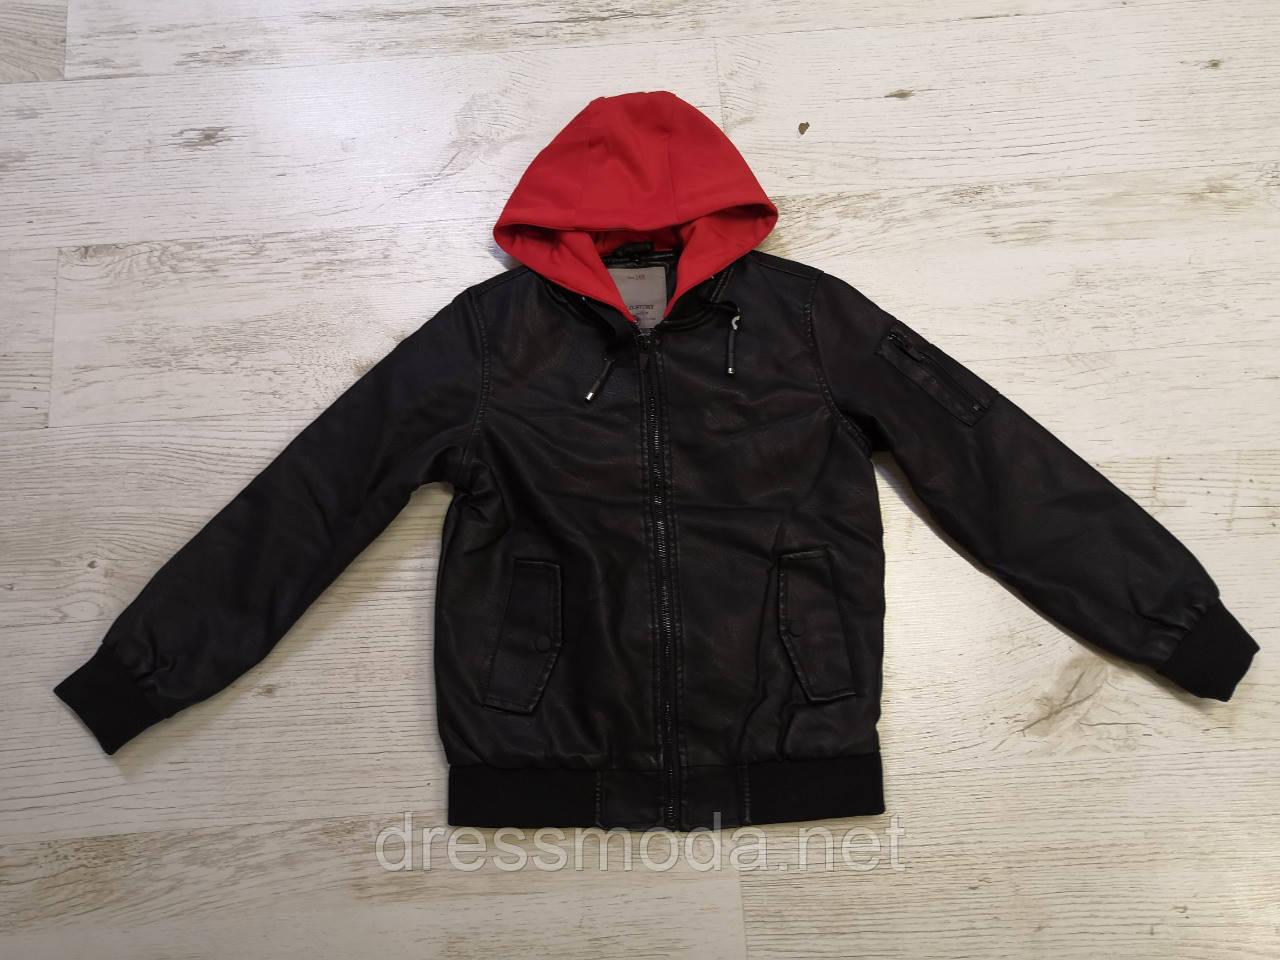 Куртки з хутром для хлопчиків Glo-Story 110-160р.р